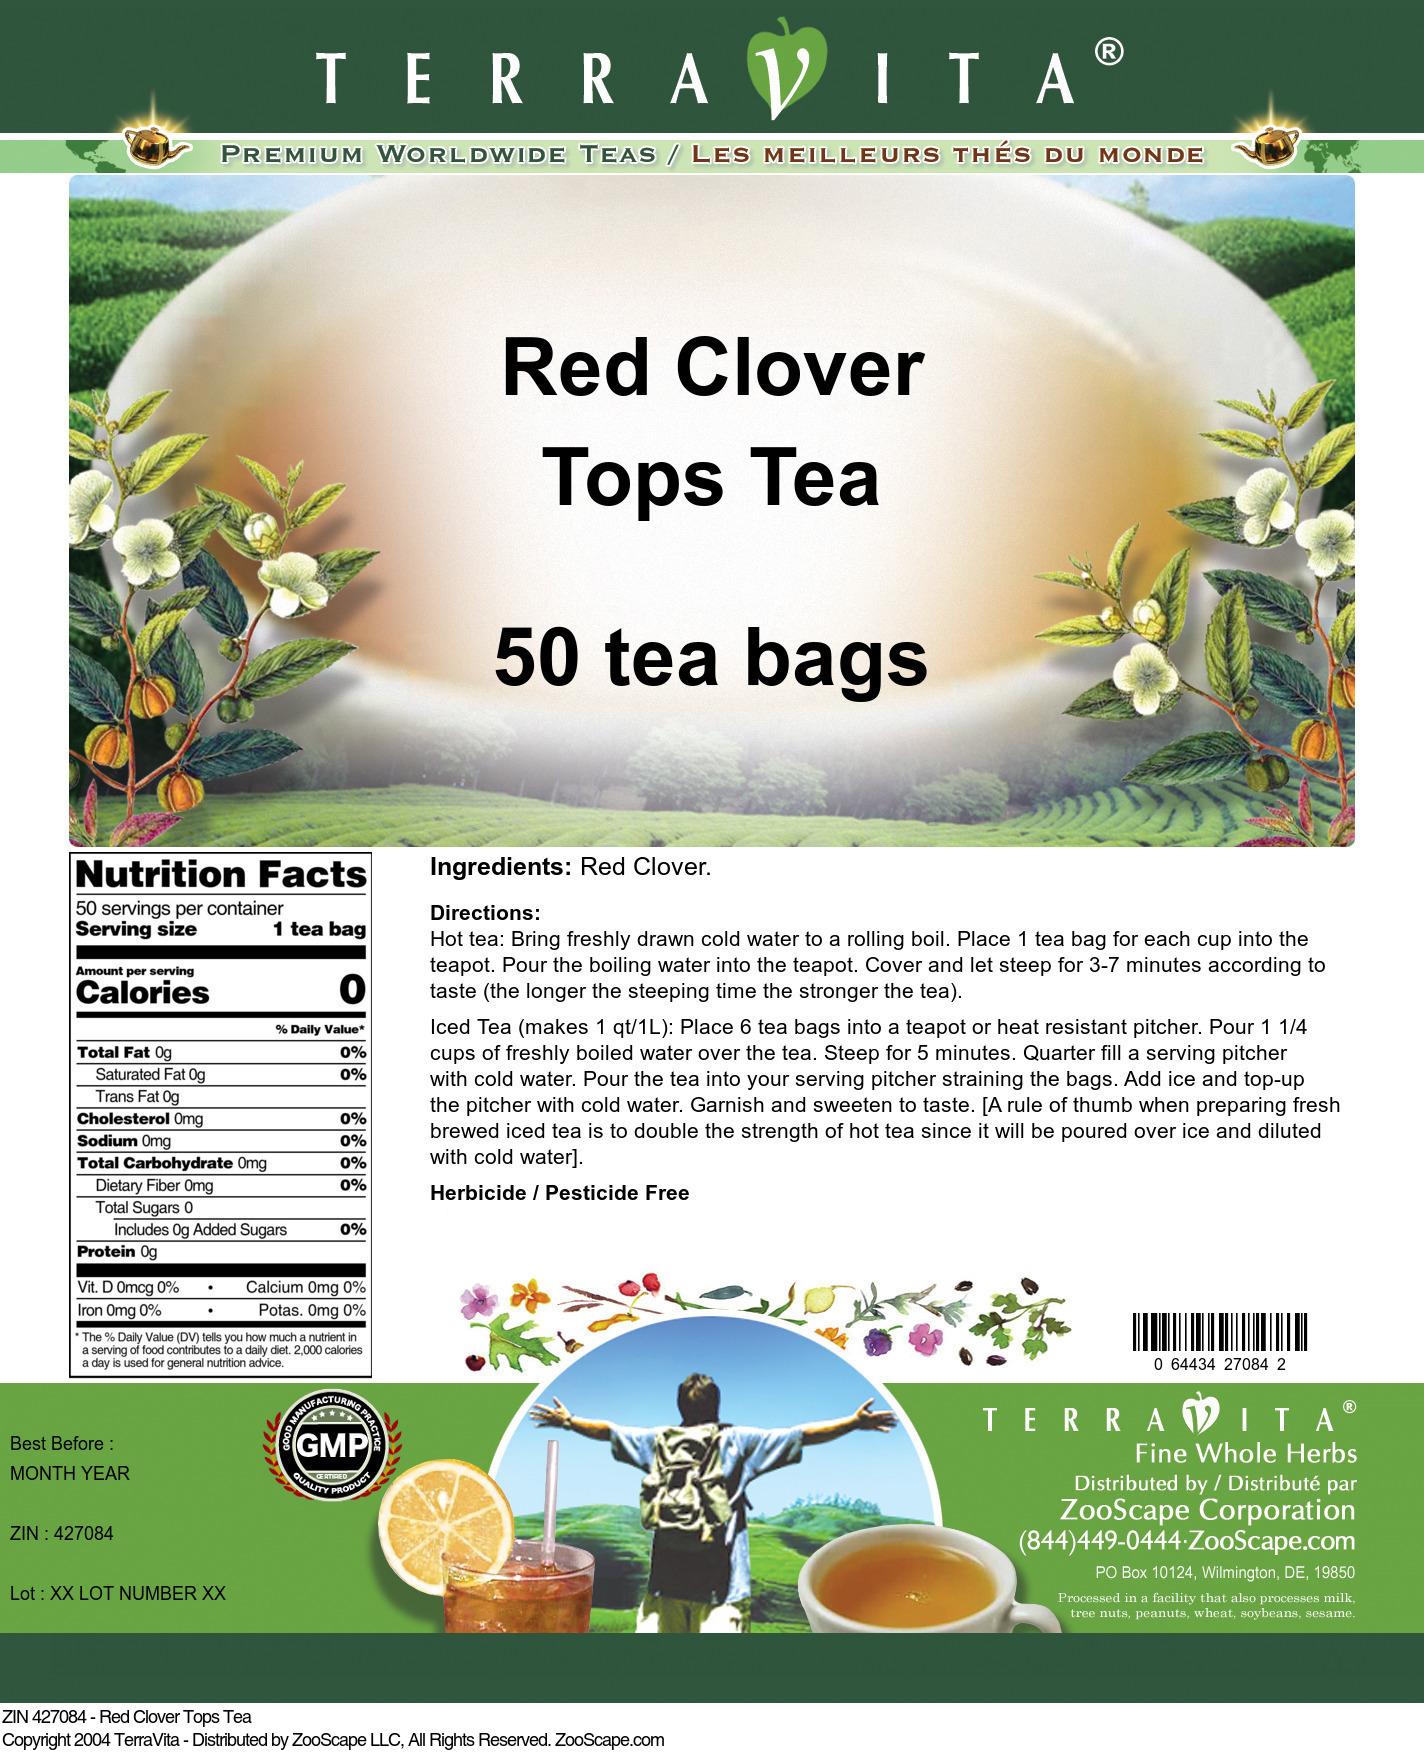 Red Clover Tops Tea - Label